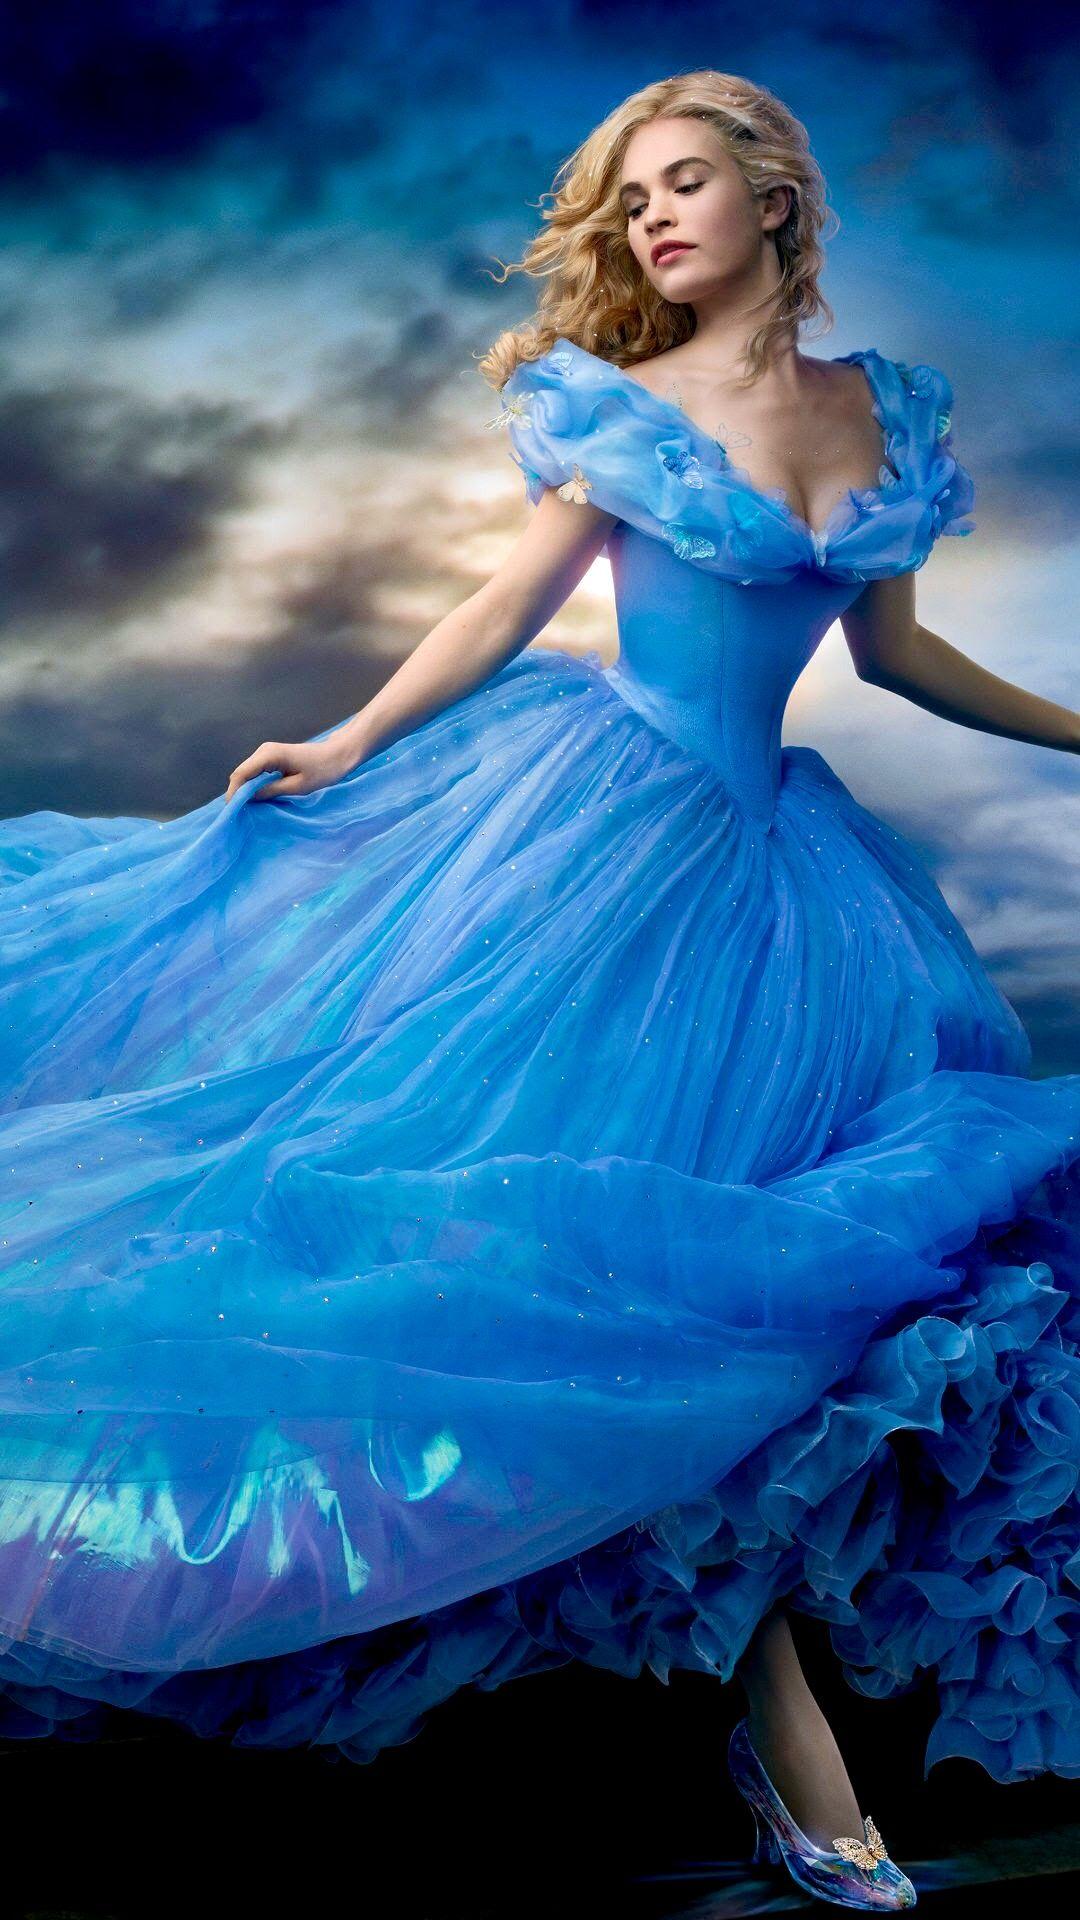 Pin De Caru X En I Want To Wear La Cenicienta Pelicula Peliculas De Disney Peliculas